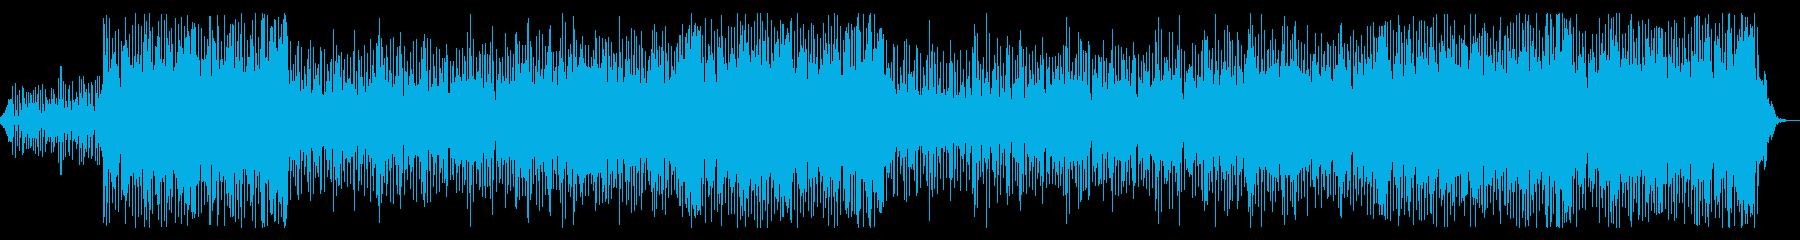 元気になれるパワフルなEDMの再生済みの波形